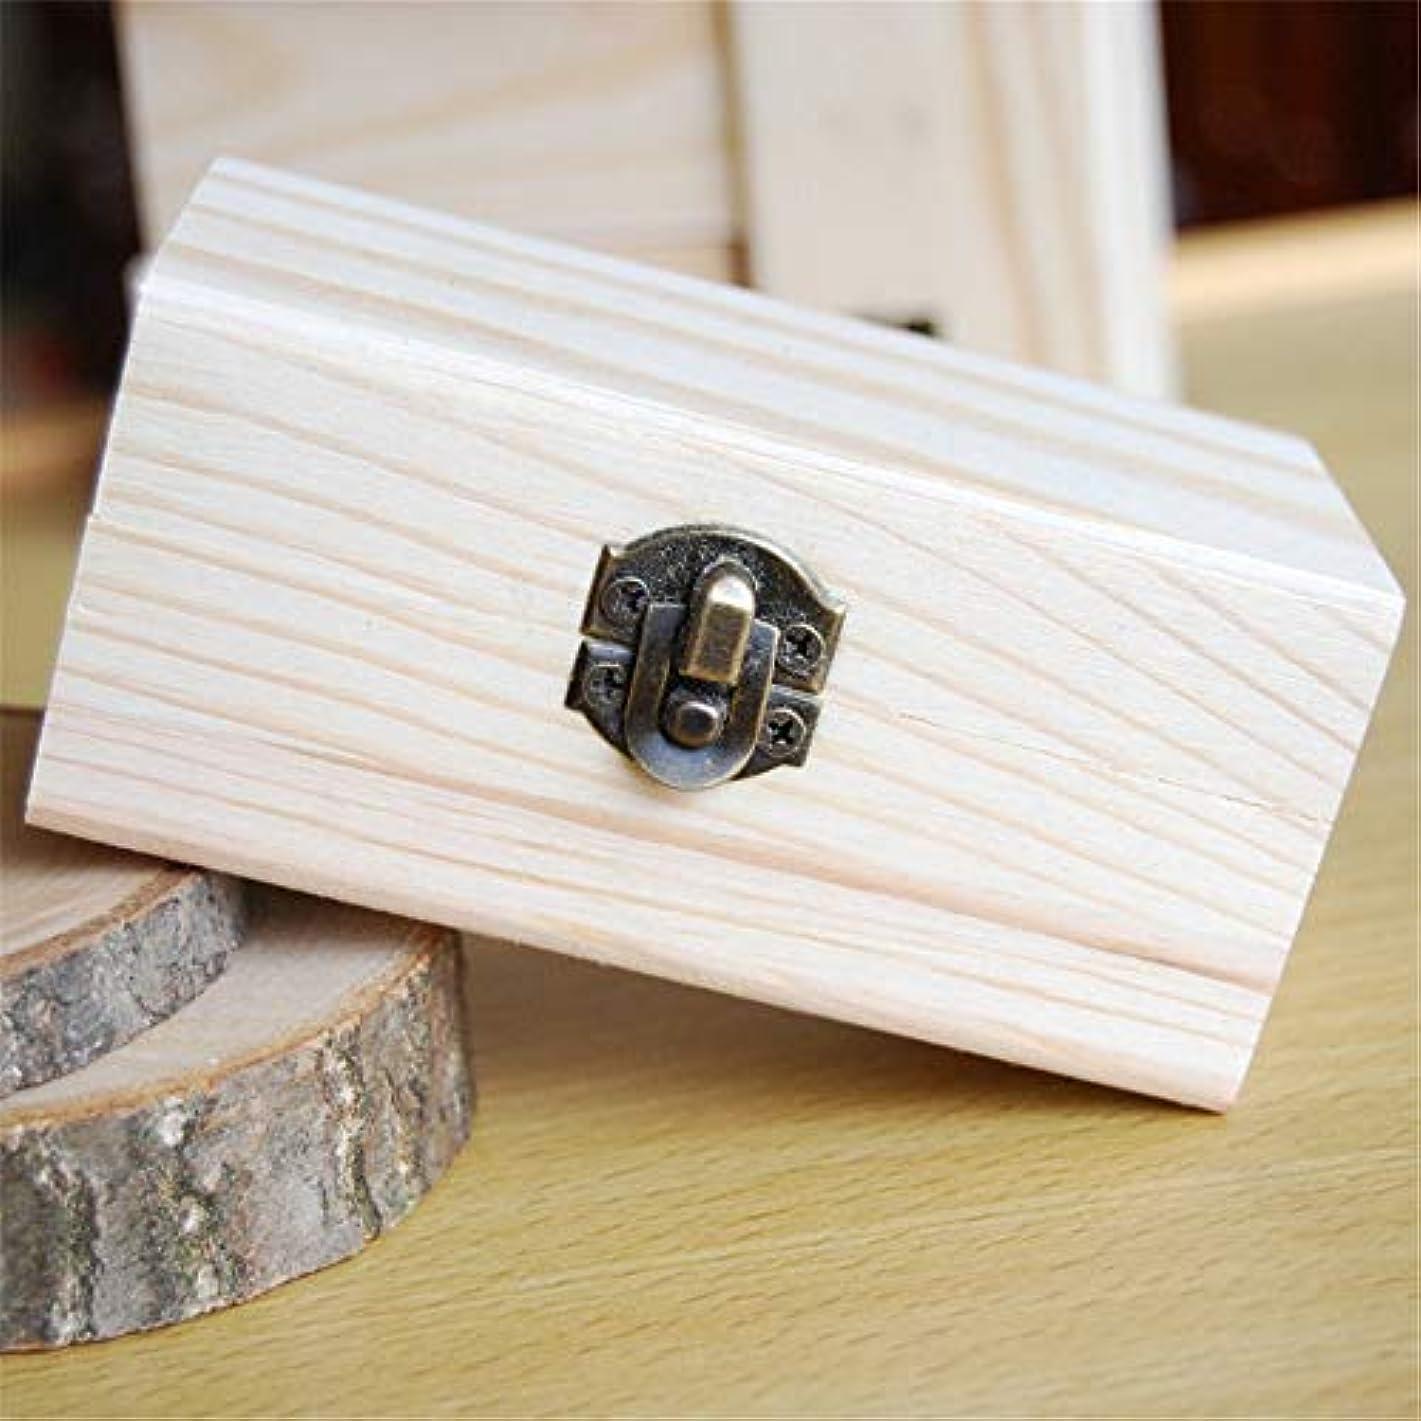 微視的対角線比較安全に油を維持するための品質の木製エッセンシャルオイルストレージボックスベスト アロマセラピー製品 (色 : Natural, サイズ : 10X6X5CM)